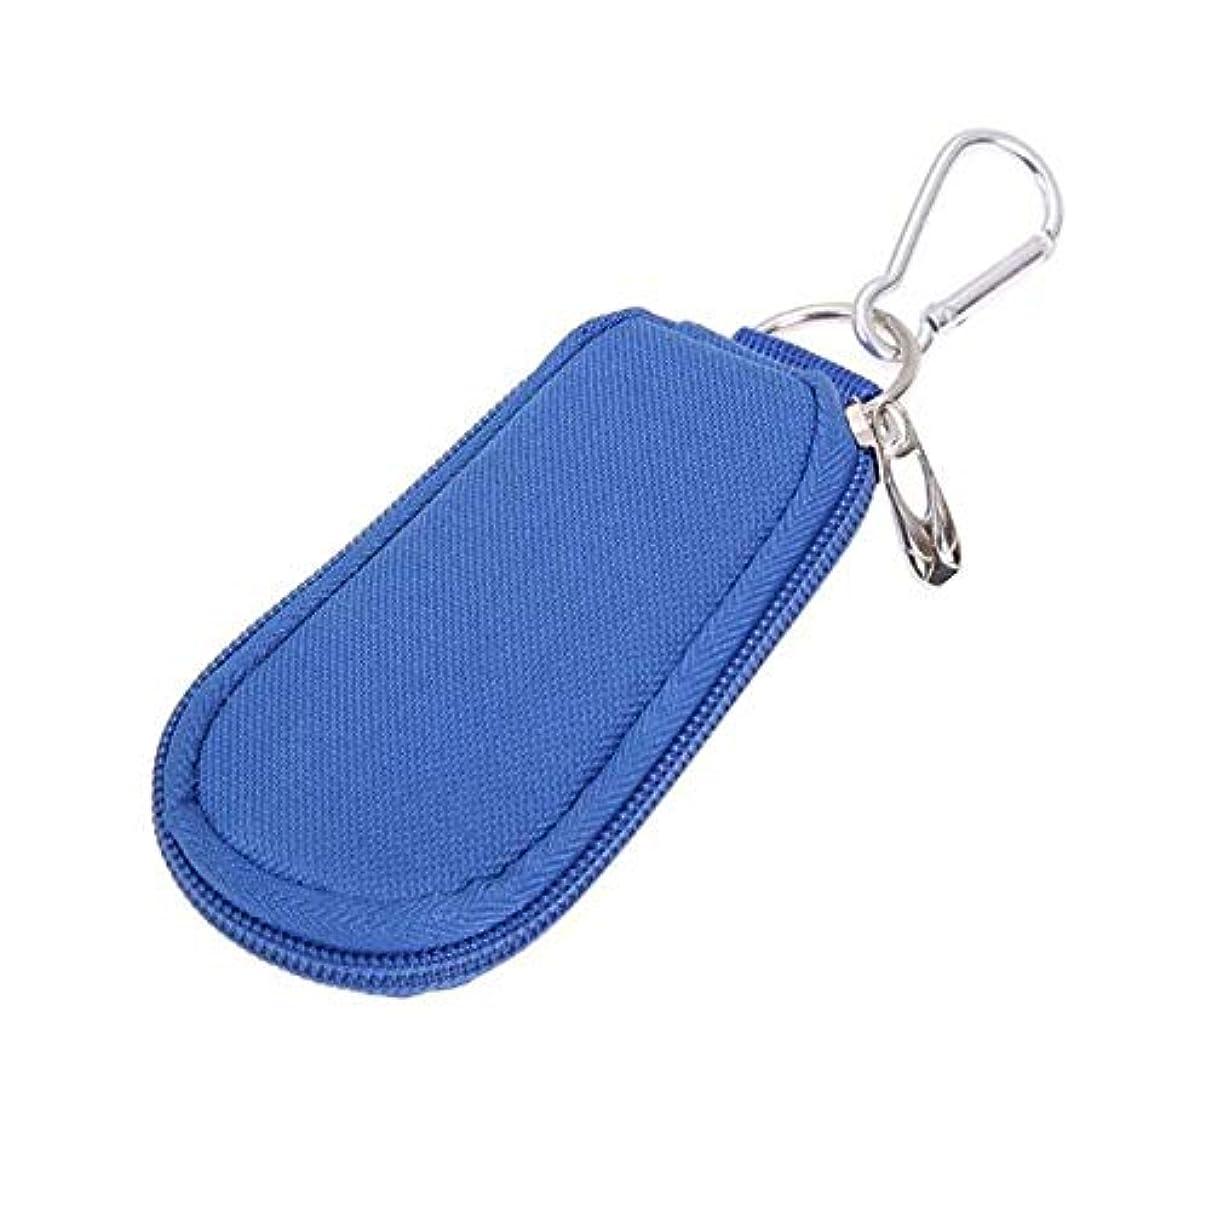 ピューカルシウムみなさんエッセンシャルオイルストレージボックス エッセンシャルオイルストレージオーガナイザーブルー走行用1-3MLエッセンシャルオイルバッグパーフェクトを開催します 旅行およびプレゼンテーション用 (色 : 青, サイズ : 11.5X6.5X1.5CM)